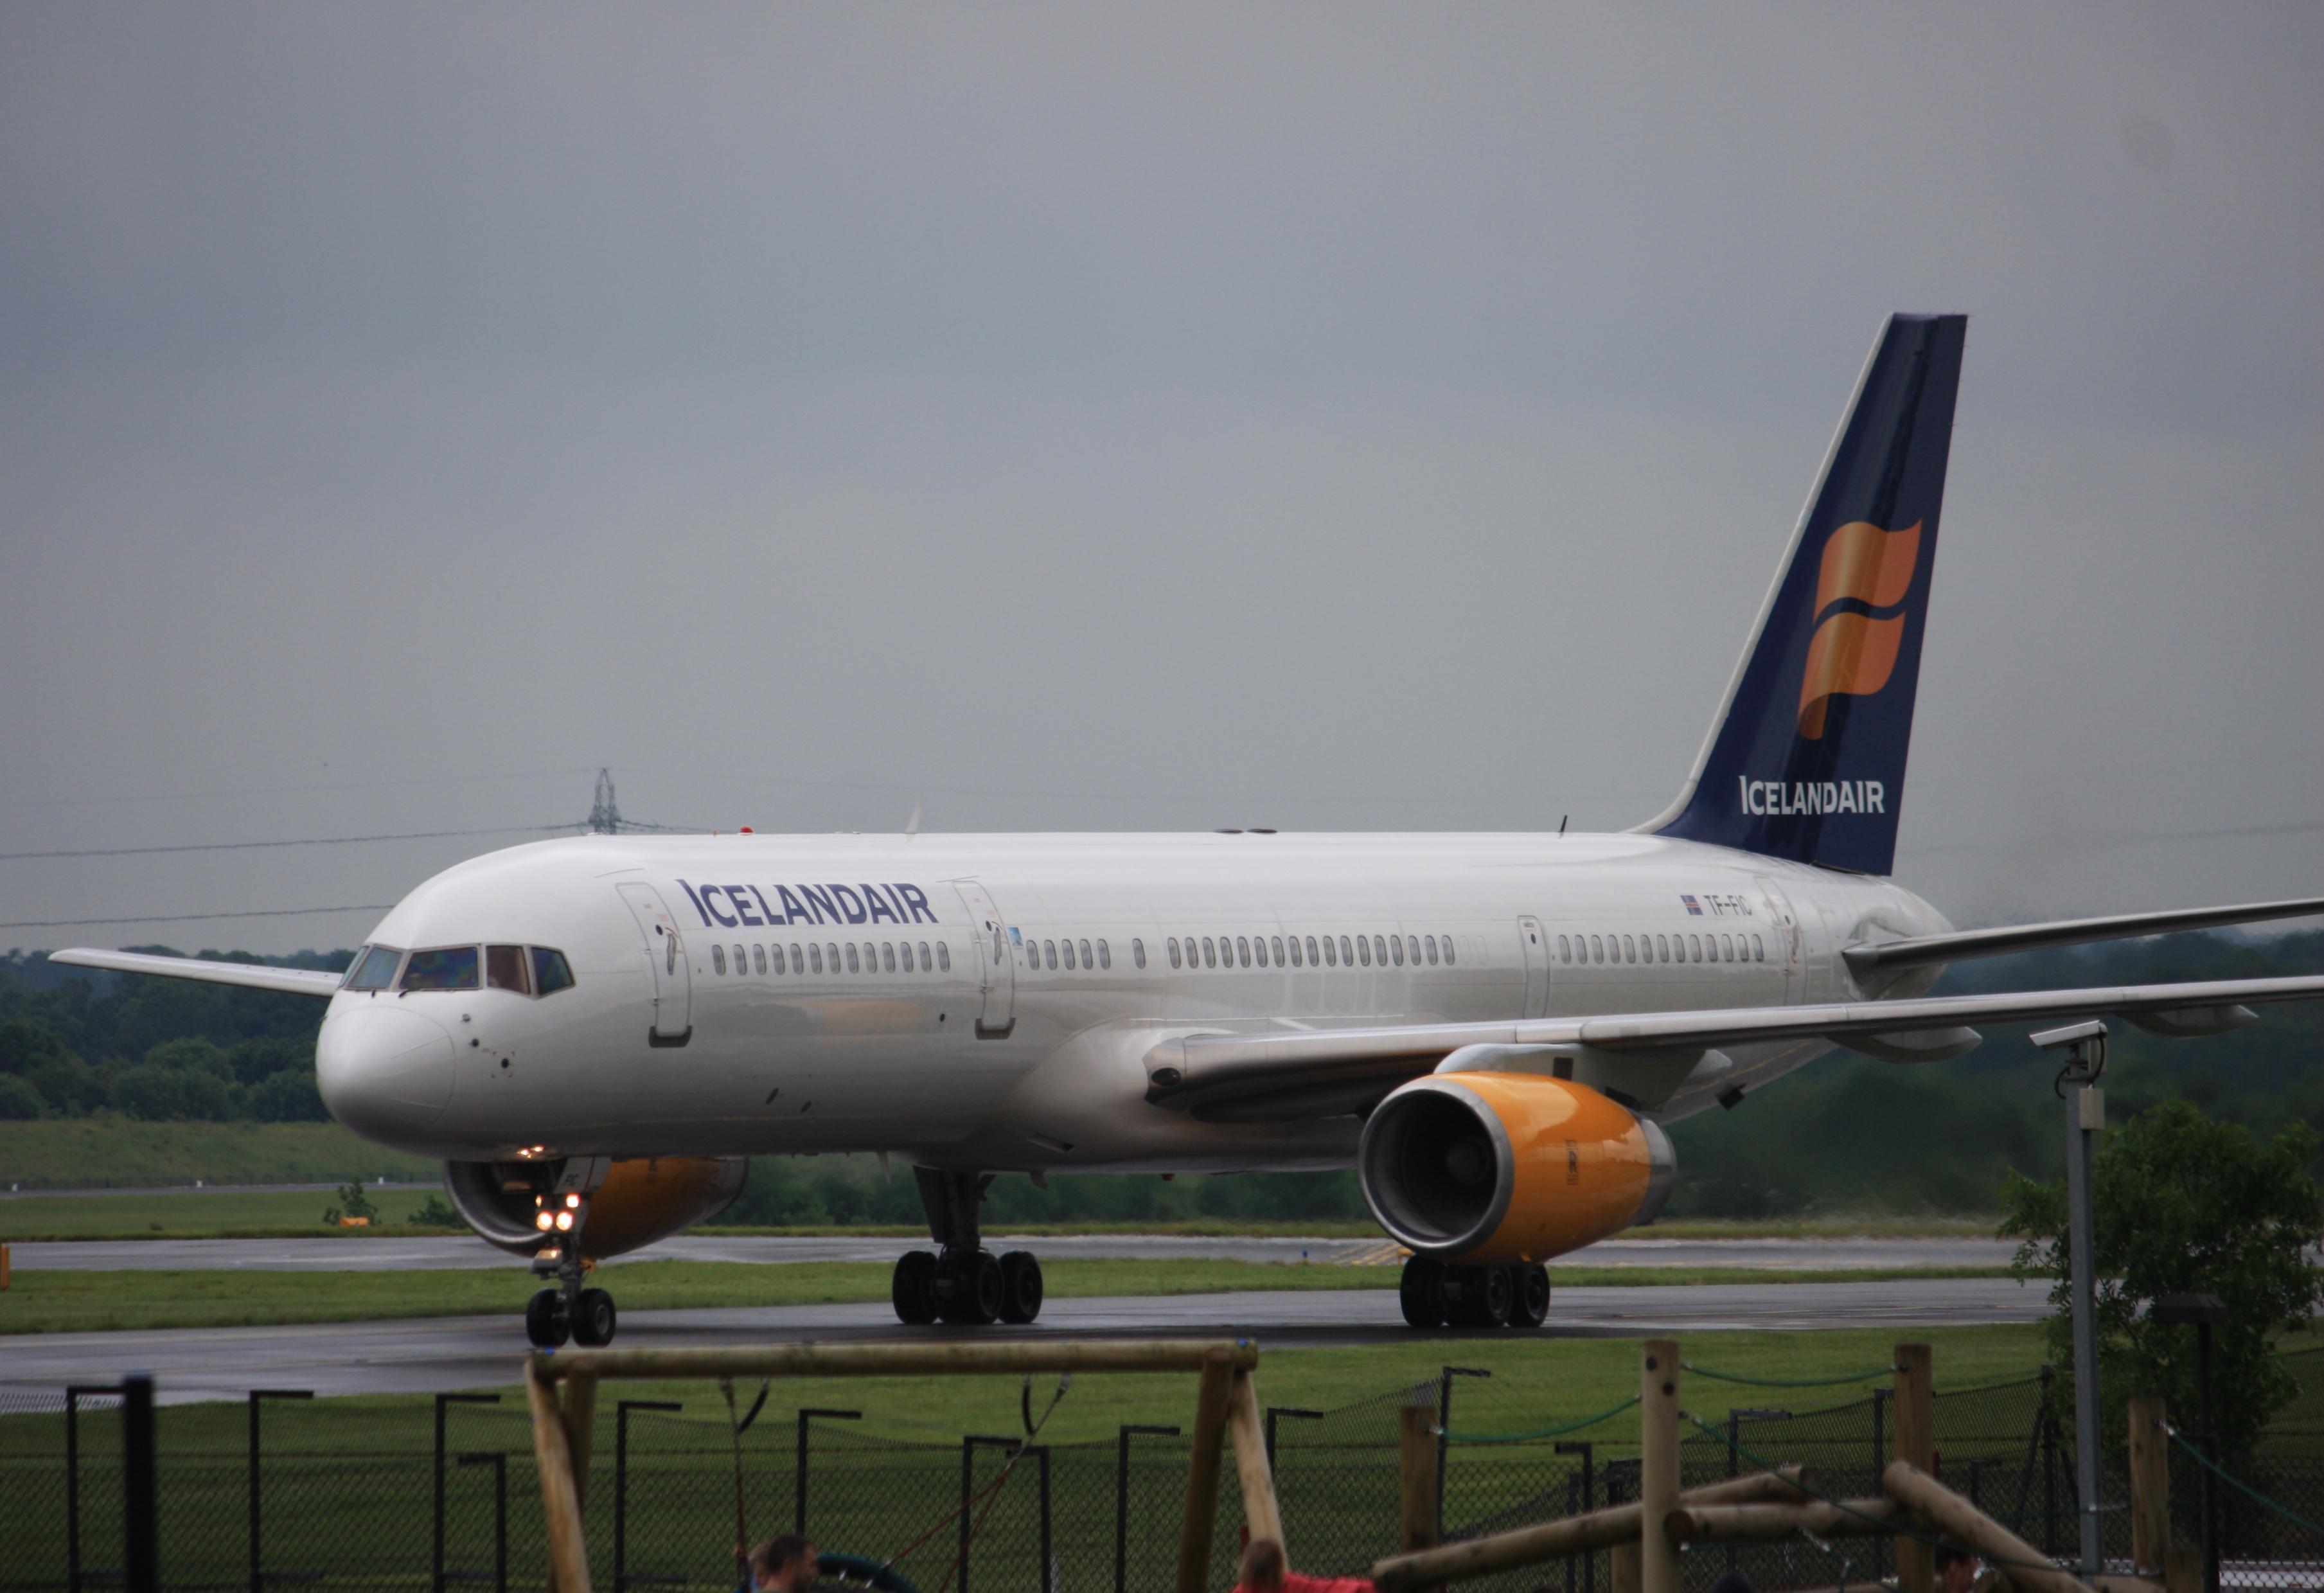 File:TF-FIC Boeing 757-23N (cn 30735 931) Icelandair.